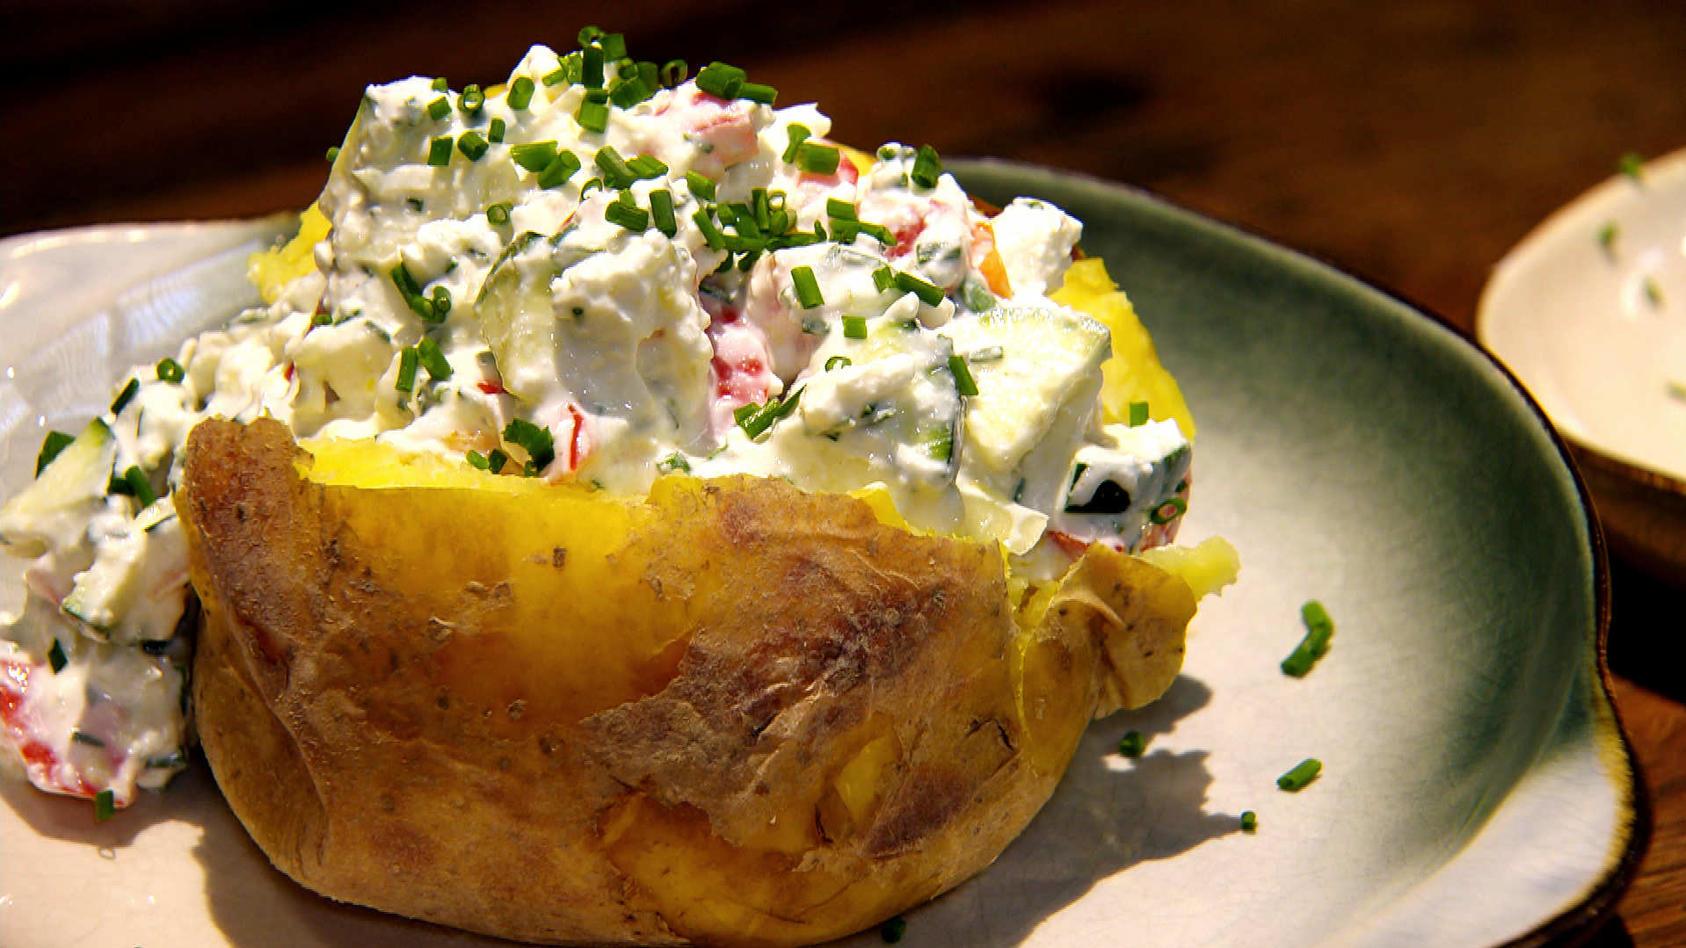 Rundum lecker – Mehr als nur Quark!: Ofenkartoffeln mit Quark-Dip